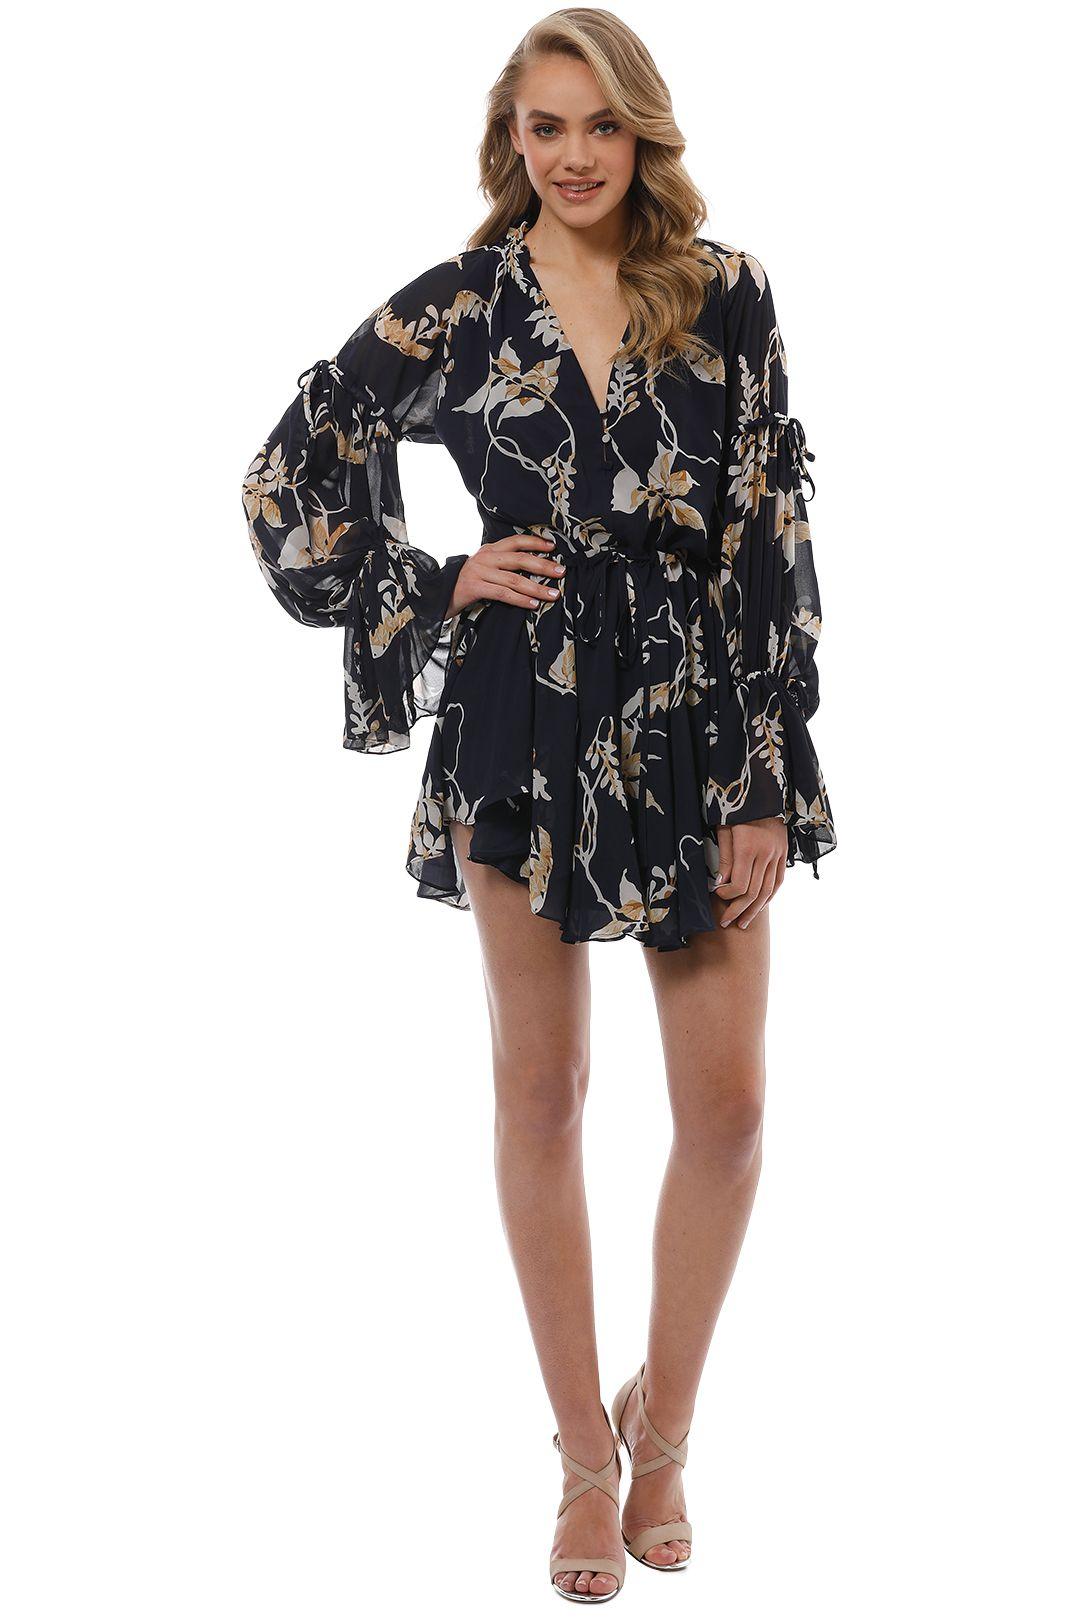 Shona Joy - Curacao Tie Sleeve Mini Dress - Front